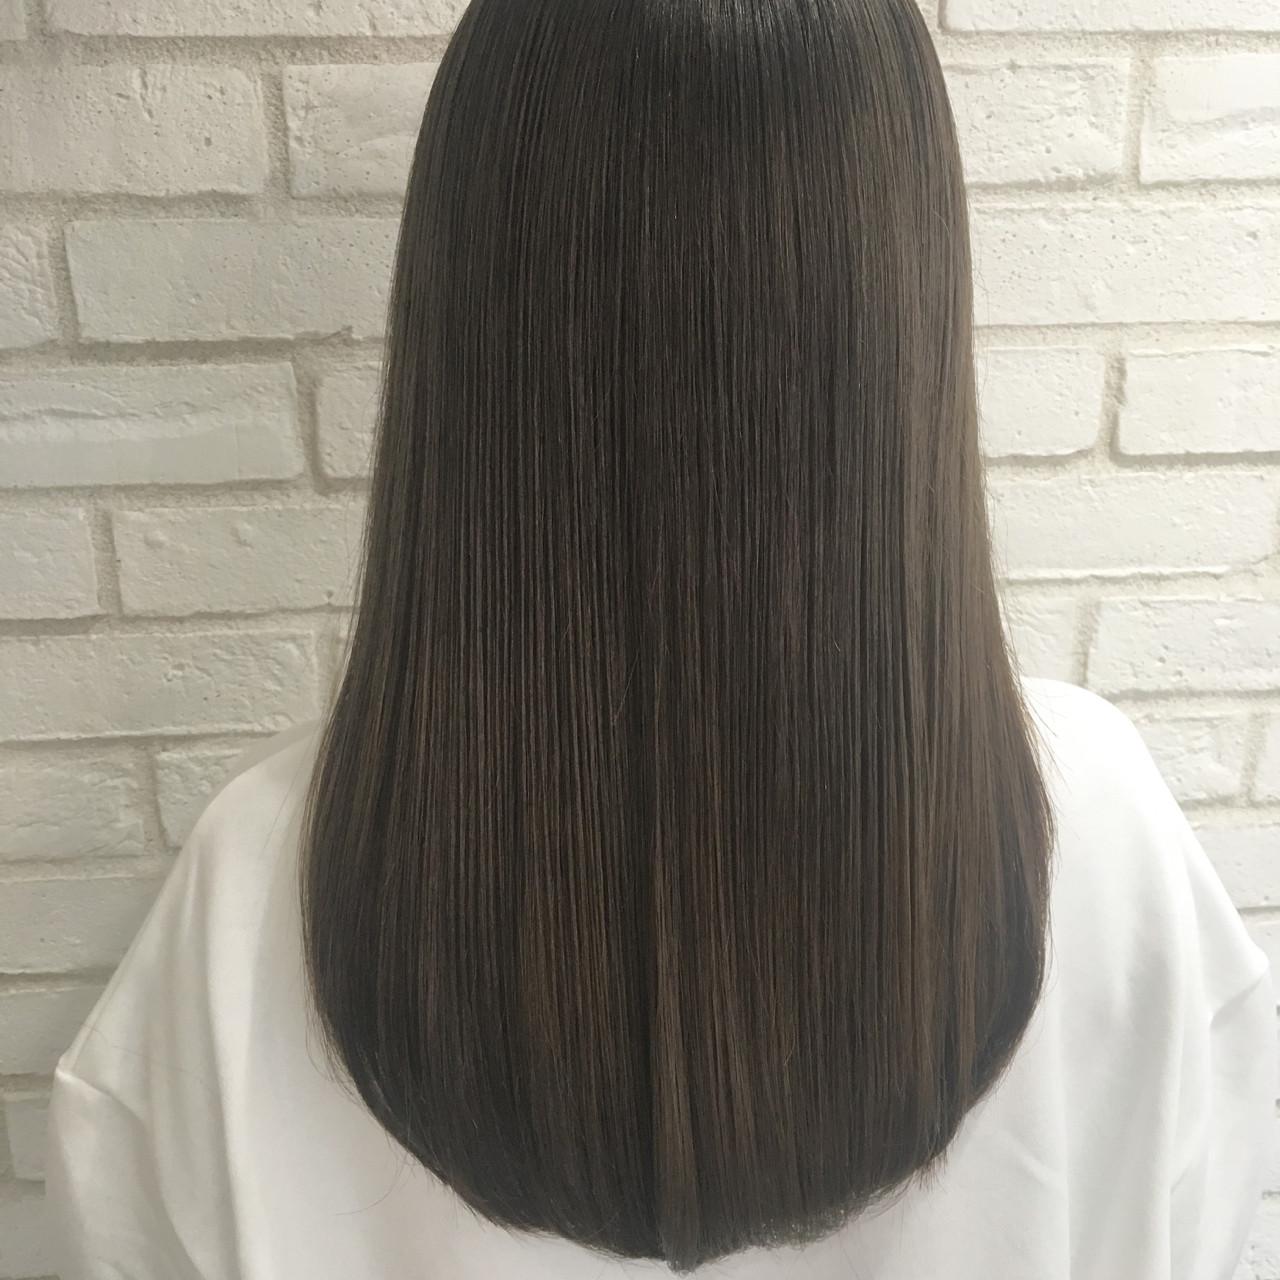 縮毛矯正 艶髪 セミロング ナチュラル ヘアスタイルや髪型の写真・画像